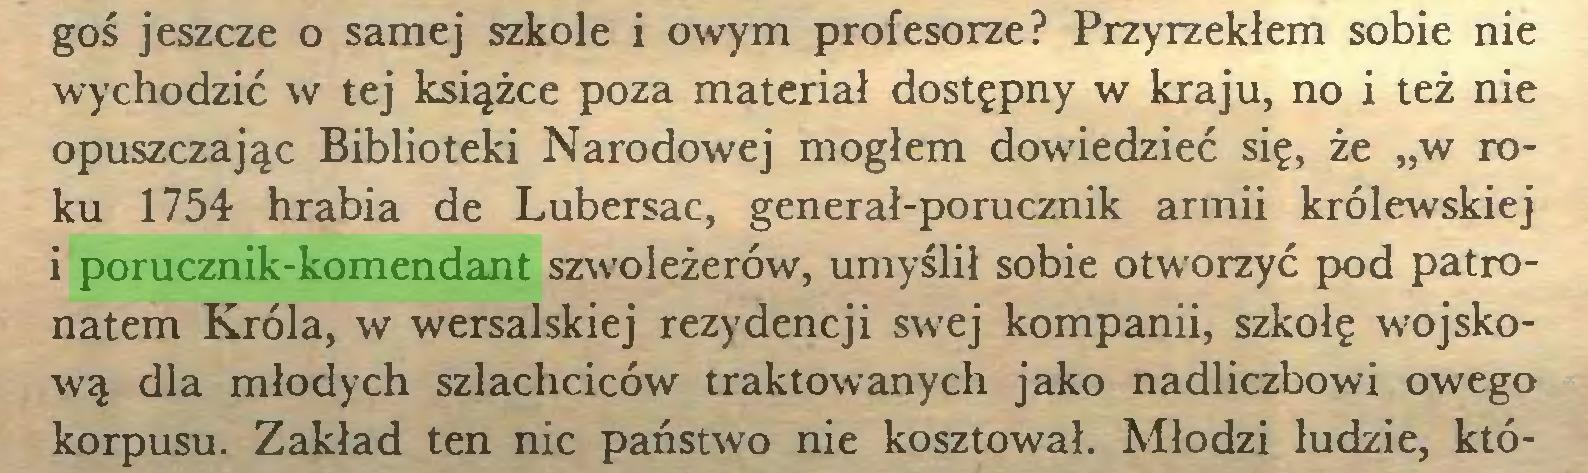 """(...) goś jeszcze o samej szkole i owym profesorze? Przyrzekłem sobie nie wychodzić w tej książce poza materiał dostępny w kraju, no i też nie opuszczając Biblioteki Narodowej mogłem dowiedzieć się, że """"w roku 1754 hrabia de Lubersac, generał-porucznik armii królewskiej i porucznik-komendant szwoleżerów, umyślił sobie otworzyć pod patronatem Króla, w wersalskiej rezydencji swej kompanii, szkołę wojskową dla młodych szlachciców traktowanych jako nadliczbowi owego korpusu. Zakład ten nic państwo nie kosztował. Młodzi ludzie, któ..."""